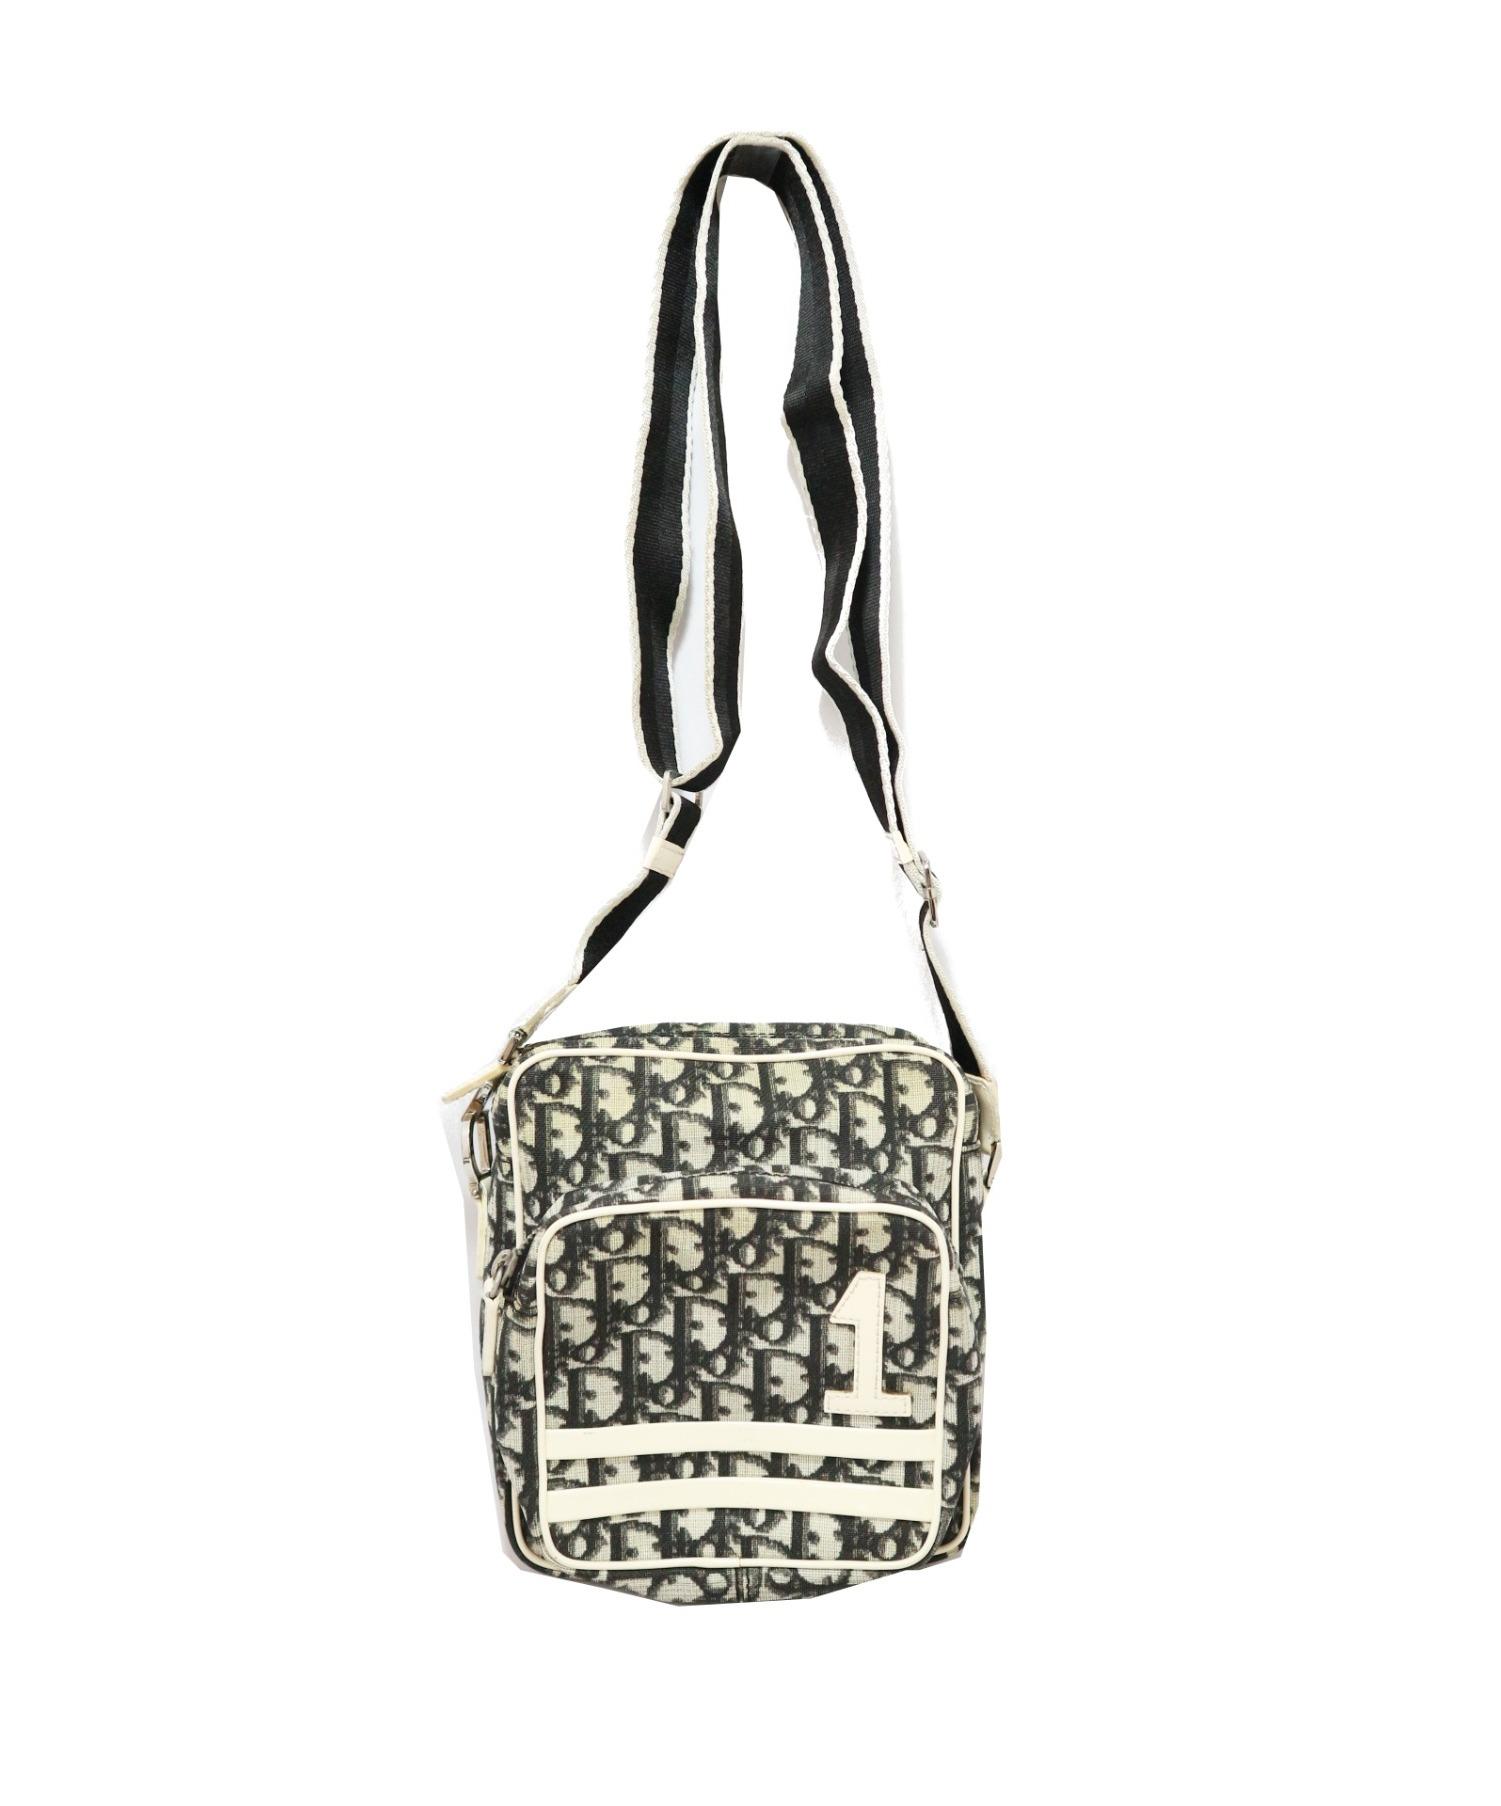 中古・古着通販】Christian Dior (クリスチャンディオール) ナンバー1 ...